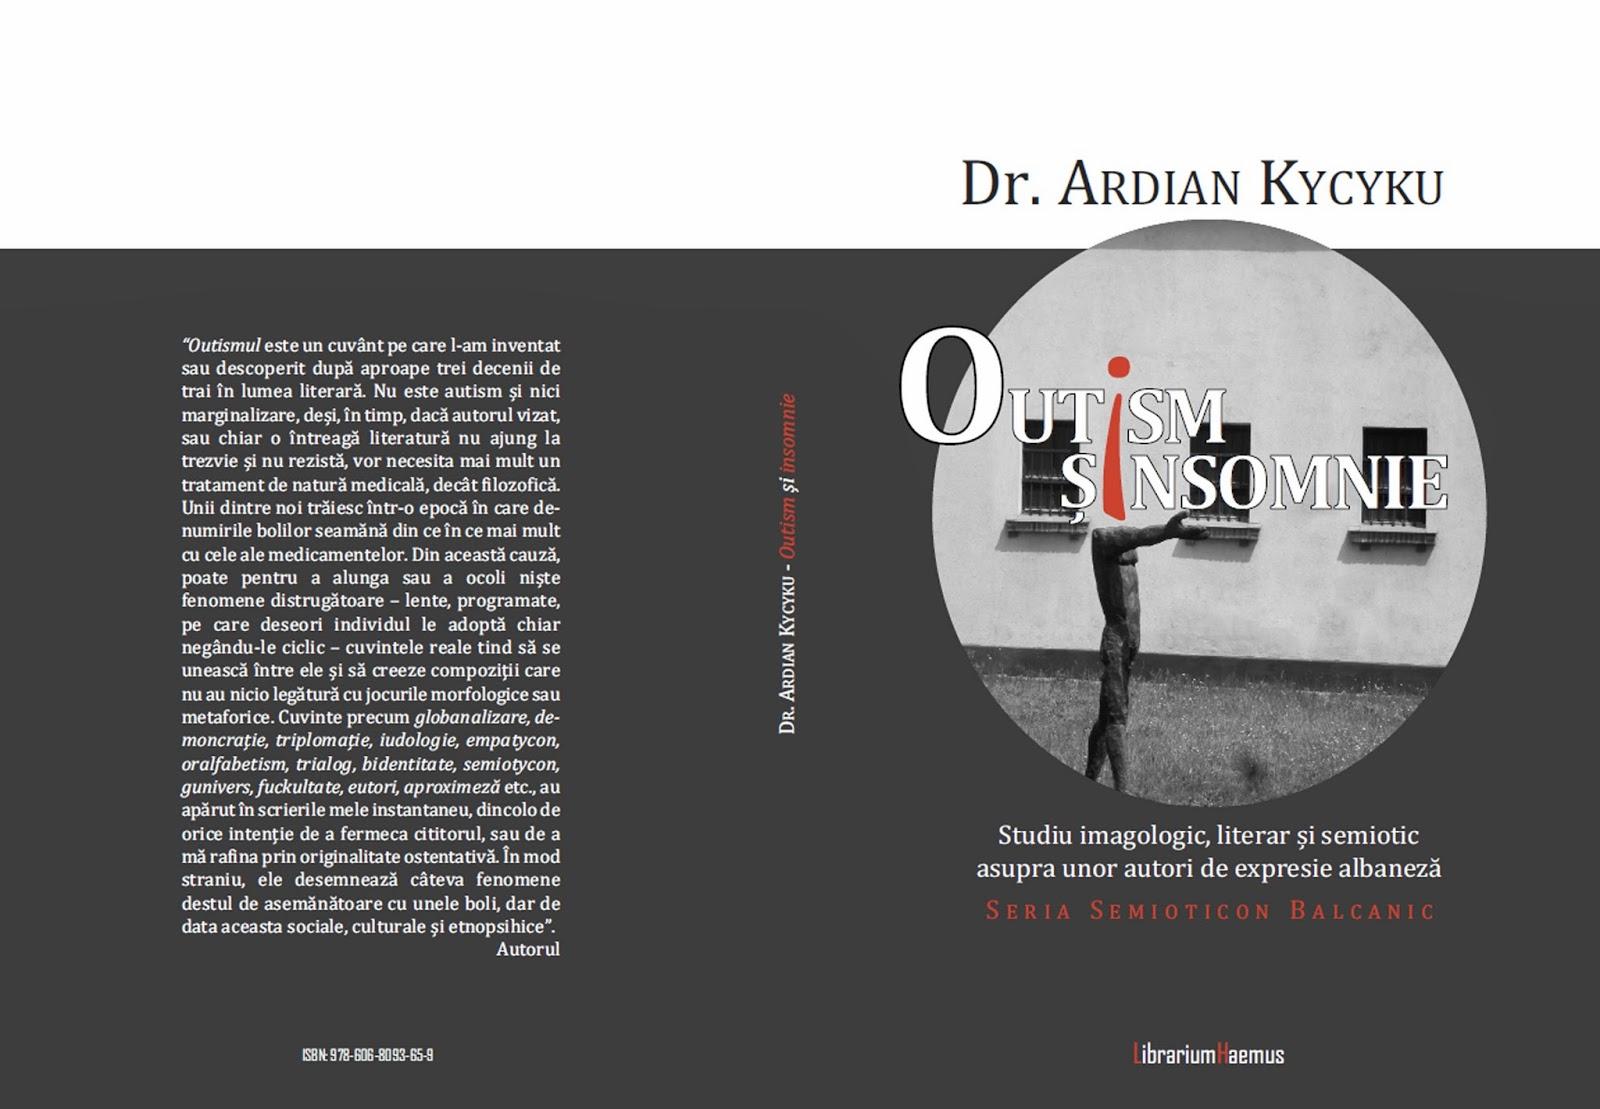 Dr. Ardian Kycyku: Outism şi insomnie